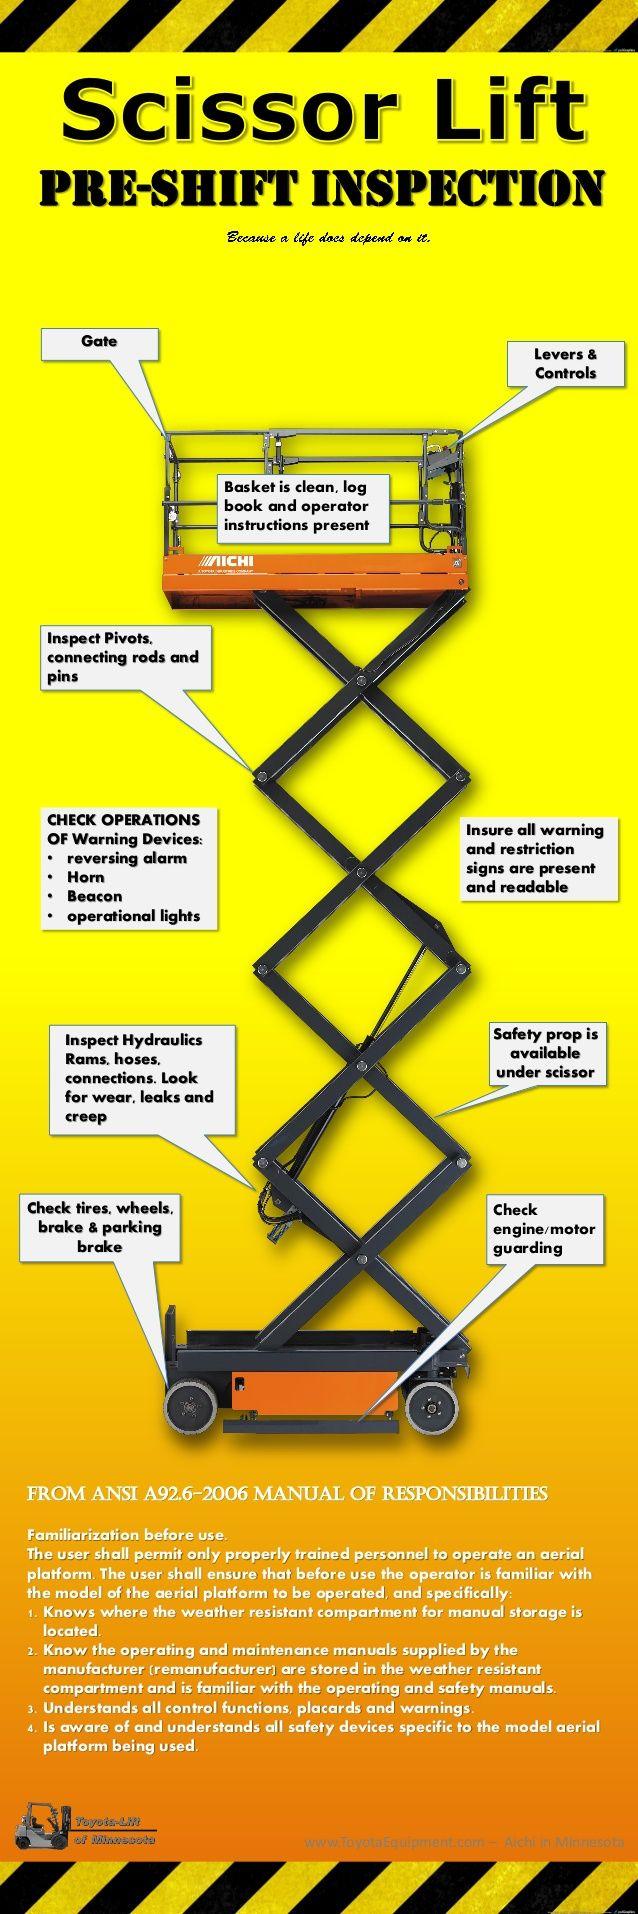 86c696755d70bfb5347412bc1e2211af--forklift-safety-inspection